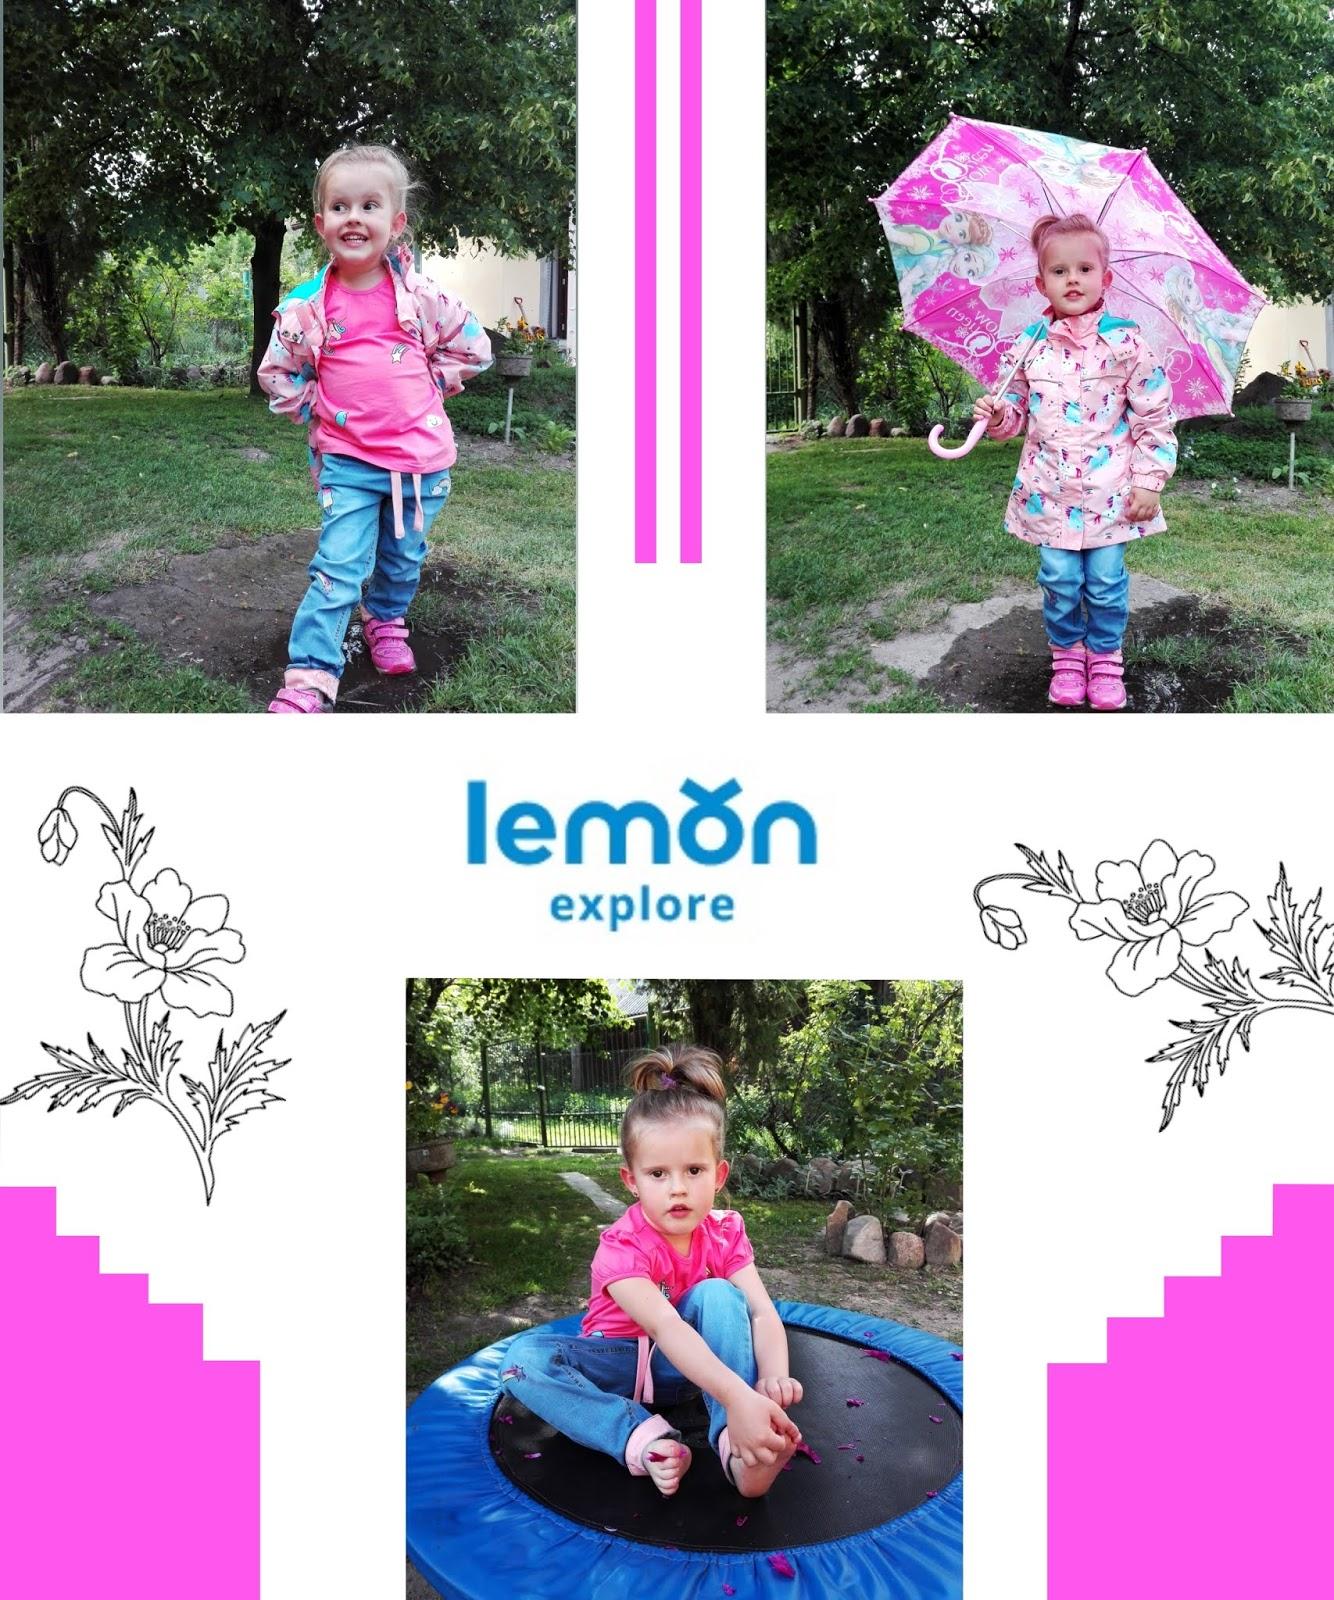 Wiosenna stylizacja dziecięca ze sklepu Lemon Explore - Bo maluchy też chcą być modne!